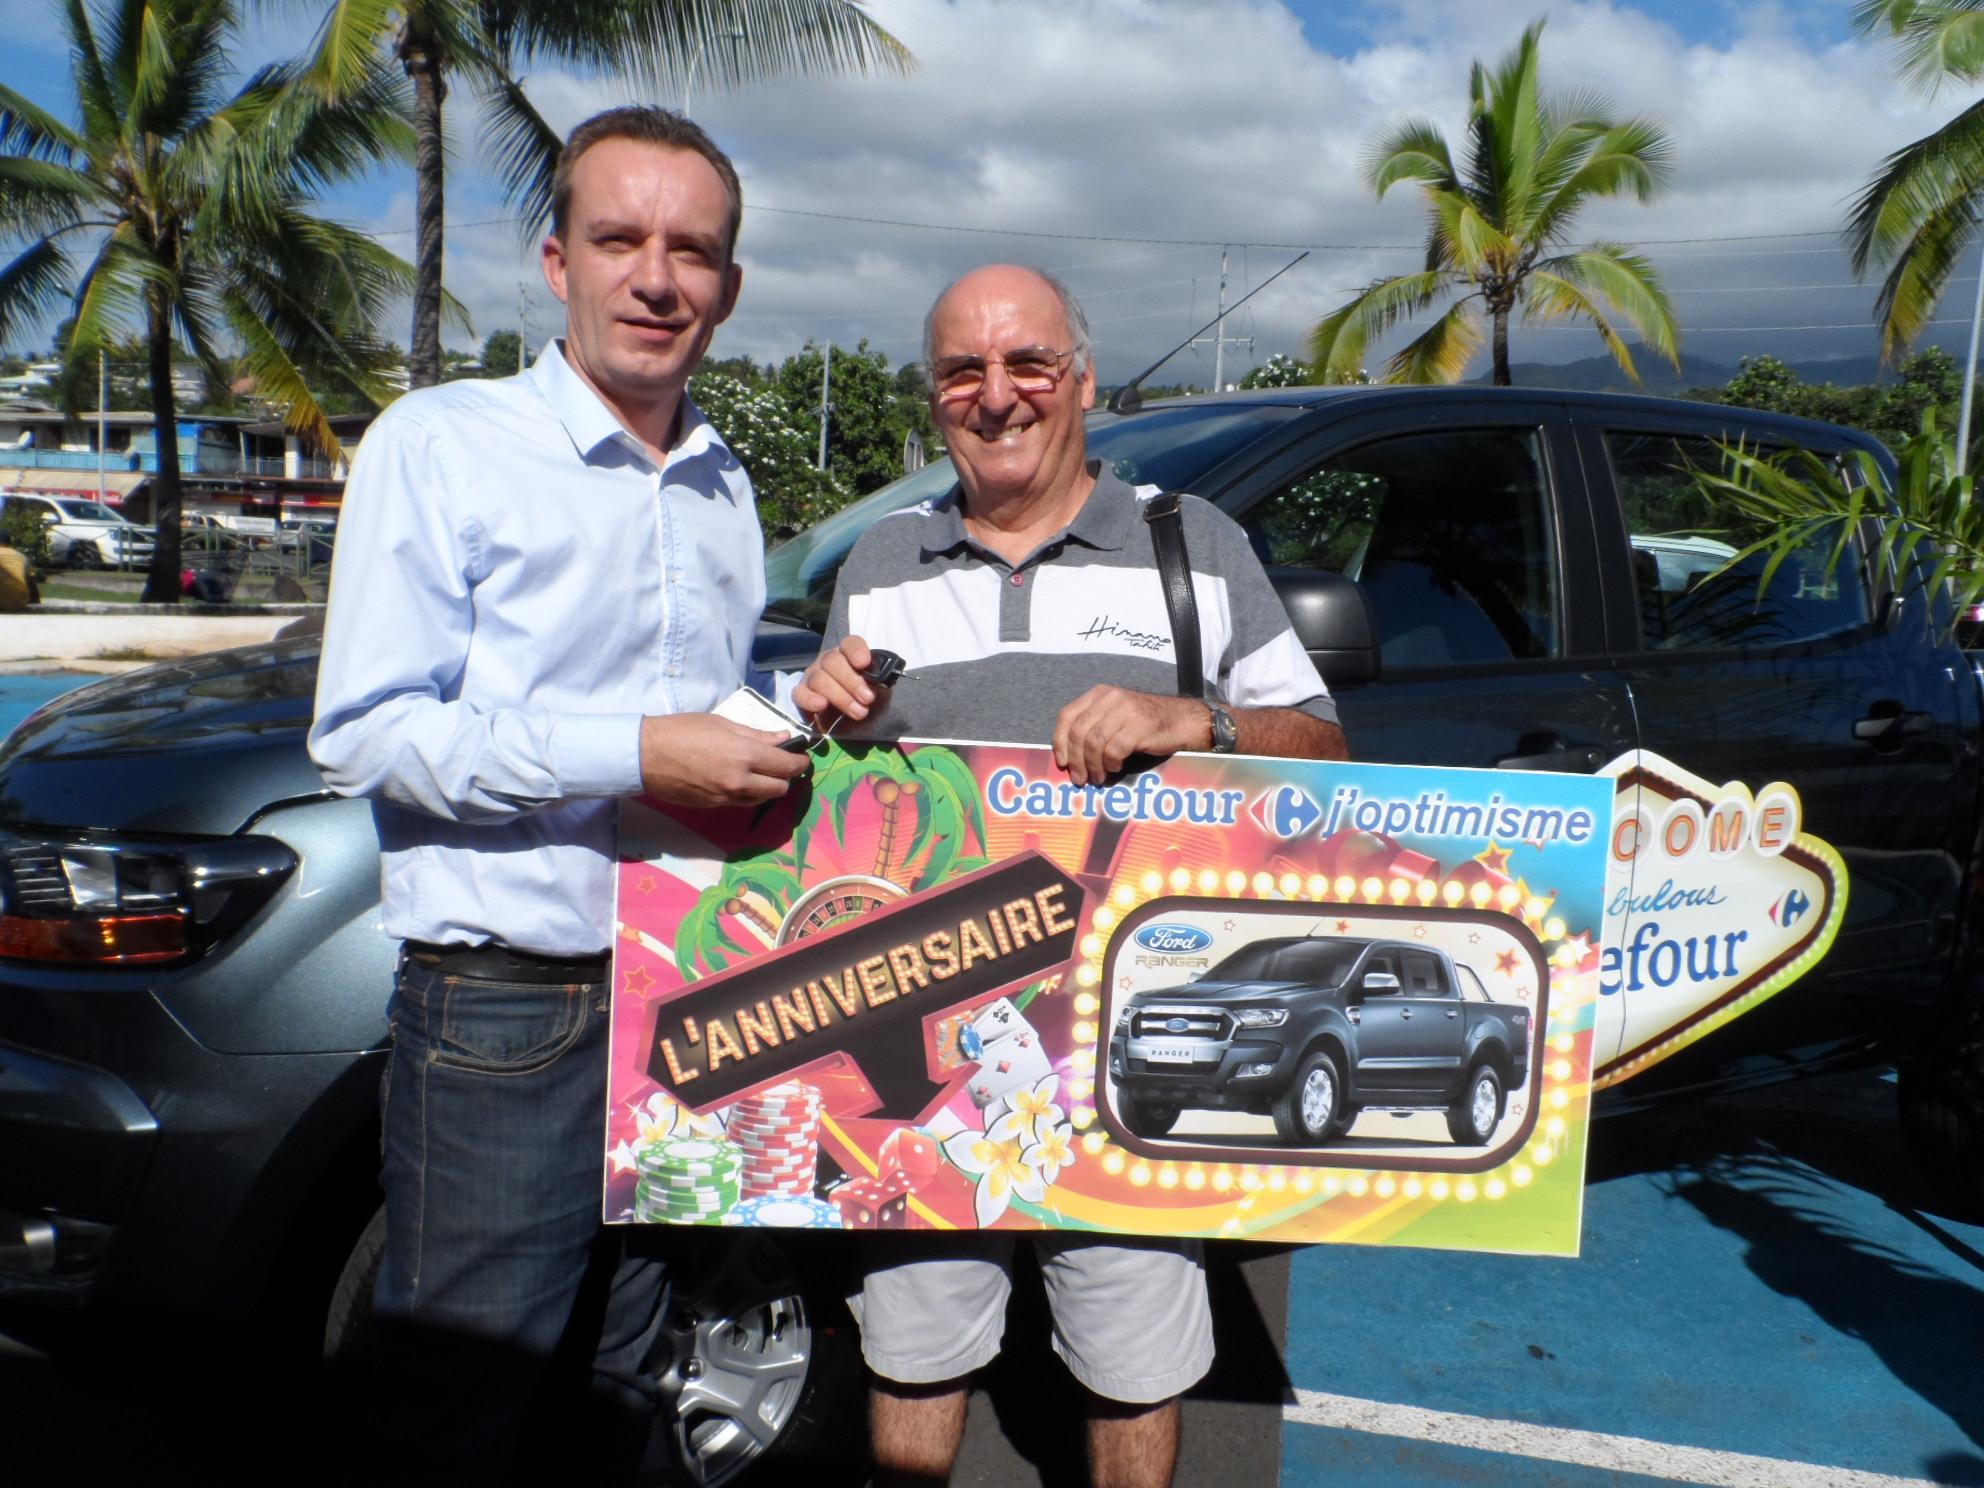 Anniversaire Carrefour: Gérard Nicolas de Arue a remporté la Ford Ranger